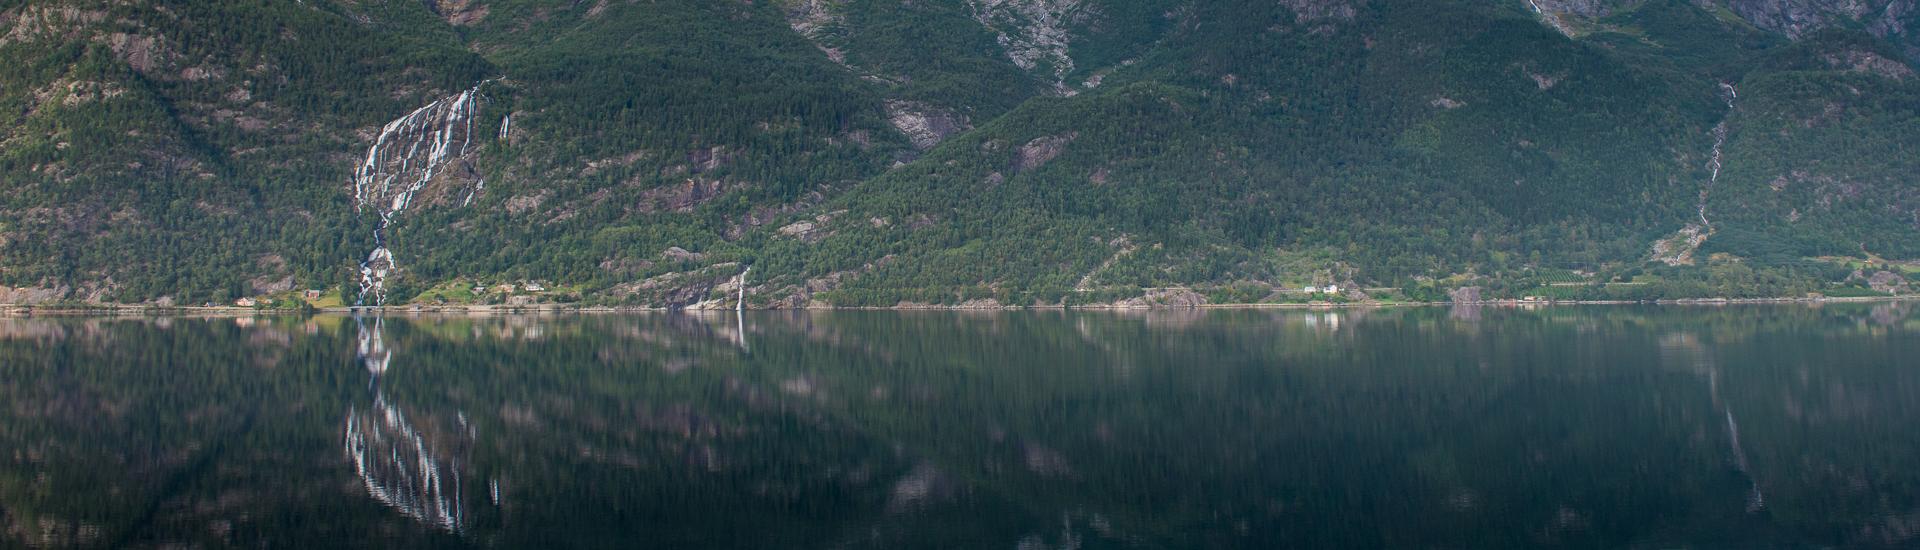 Unsere Norwegen Rundreise inkl. Routen- und Wandertipps